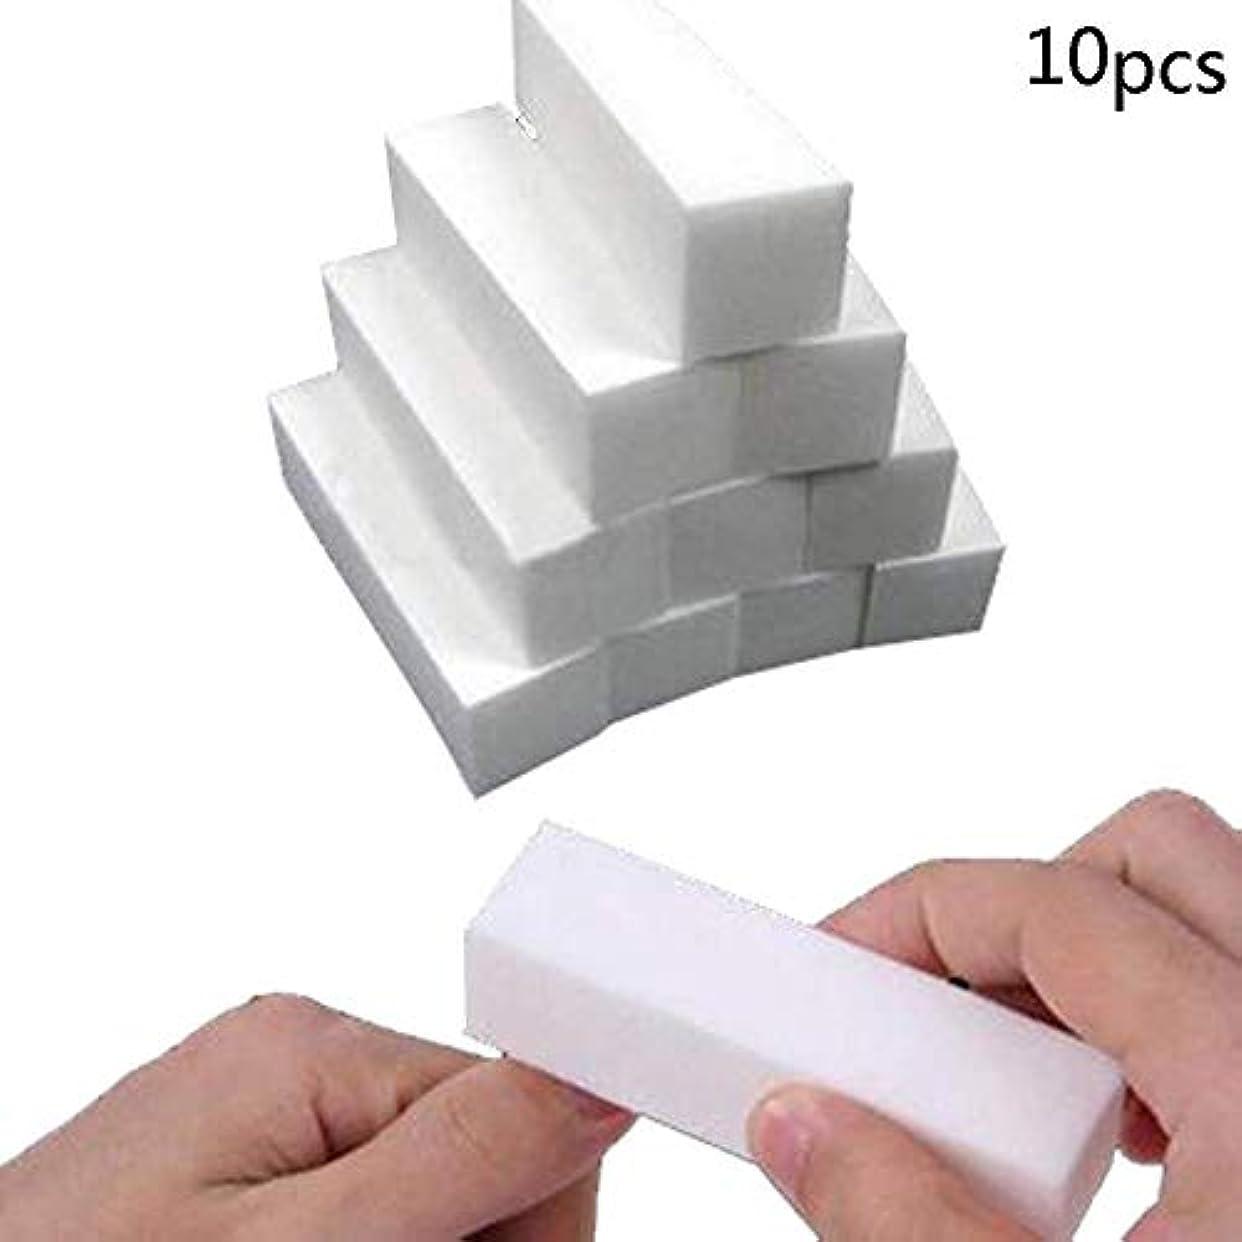 何なんとなくオンAmyou ネイルファイルプロフェッショナルネイルケアブロックホワイトポリッシャーサンディングブロックスポンジリントネイルアートヒントツール10個